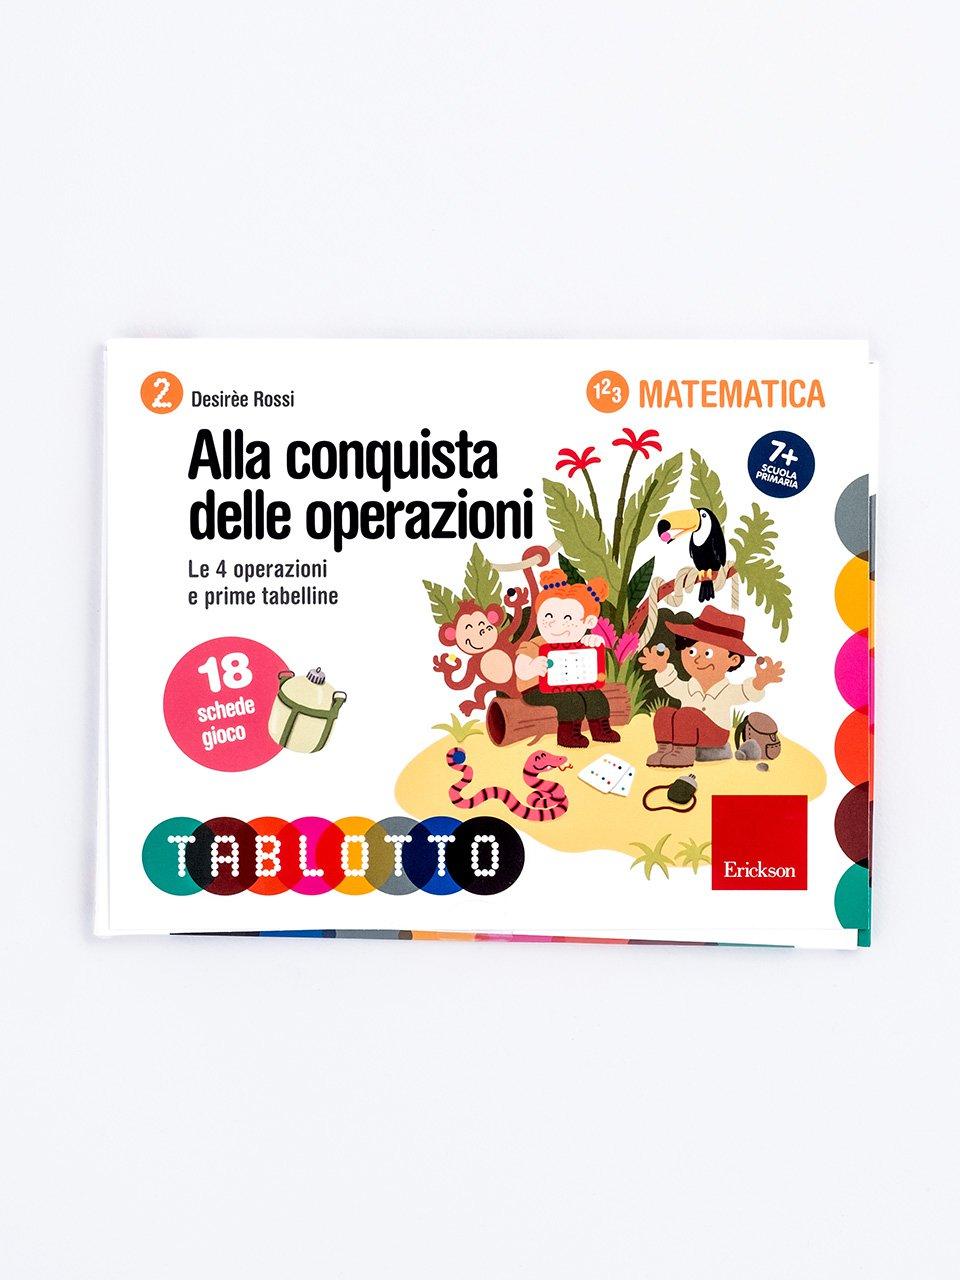 Schede per Tablotto (6-8 anni) - Alla conquista delle operazioni - Imparare e giocare con la tavola pitagorica e la L - App e software - Erickson